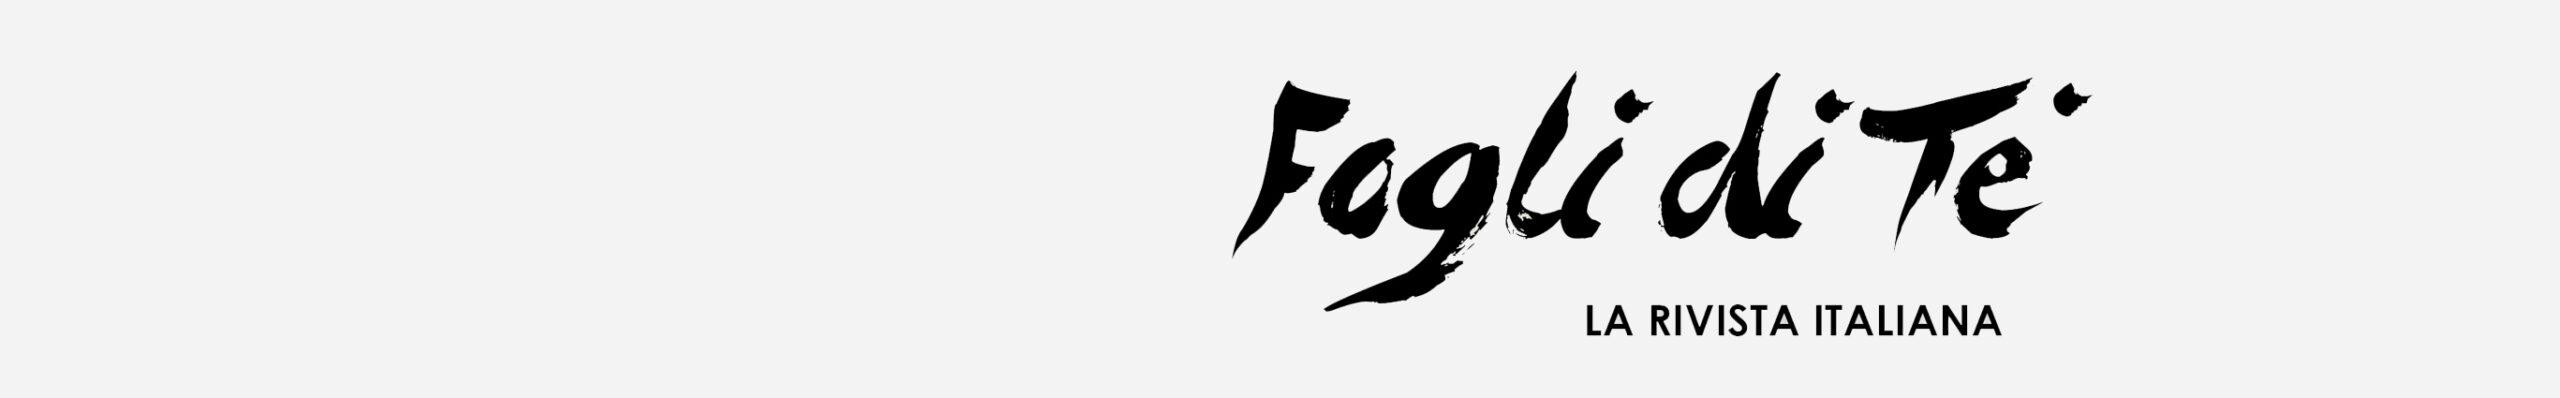 header_FOGLIDITE_banner copia